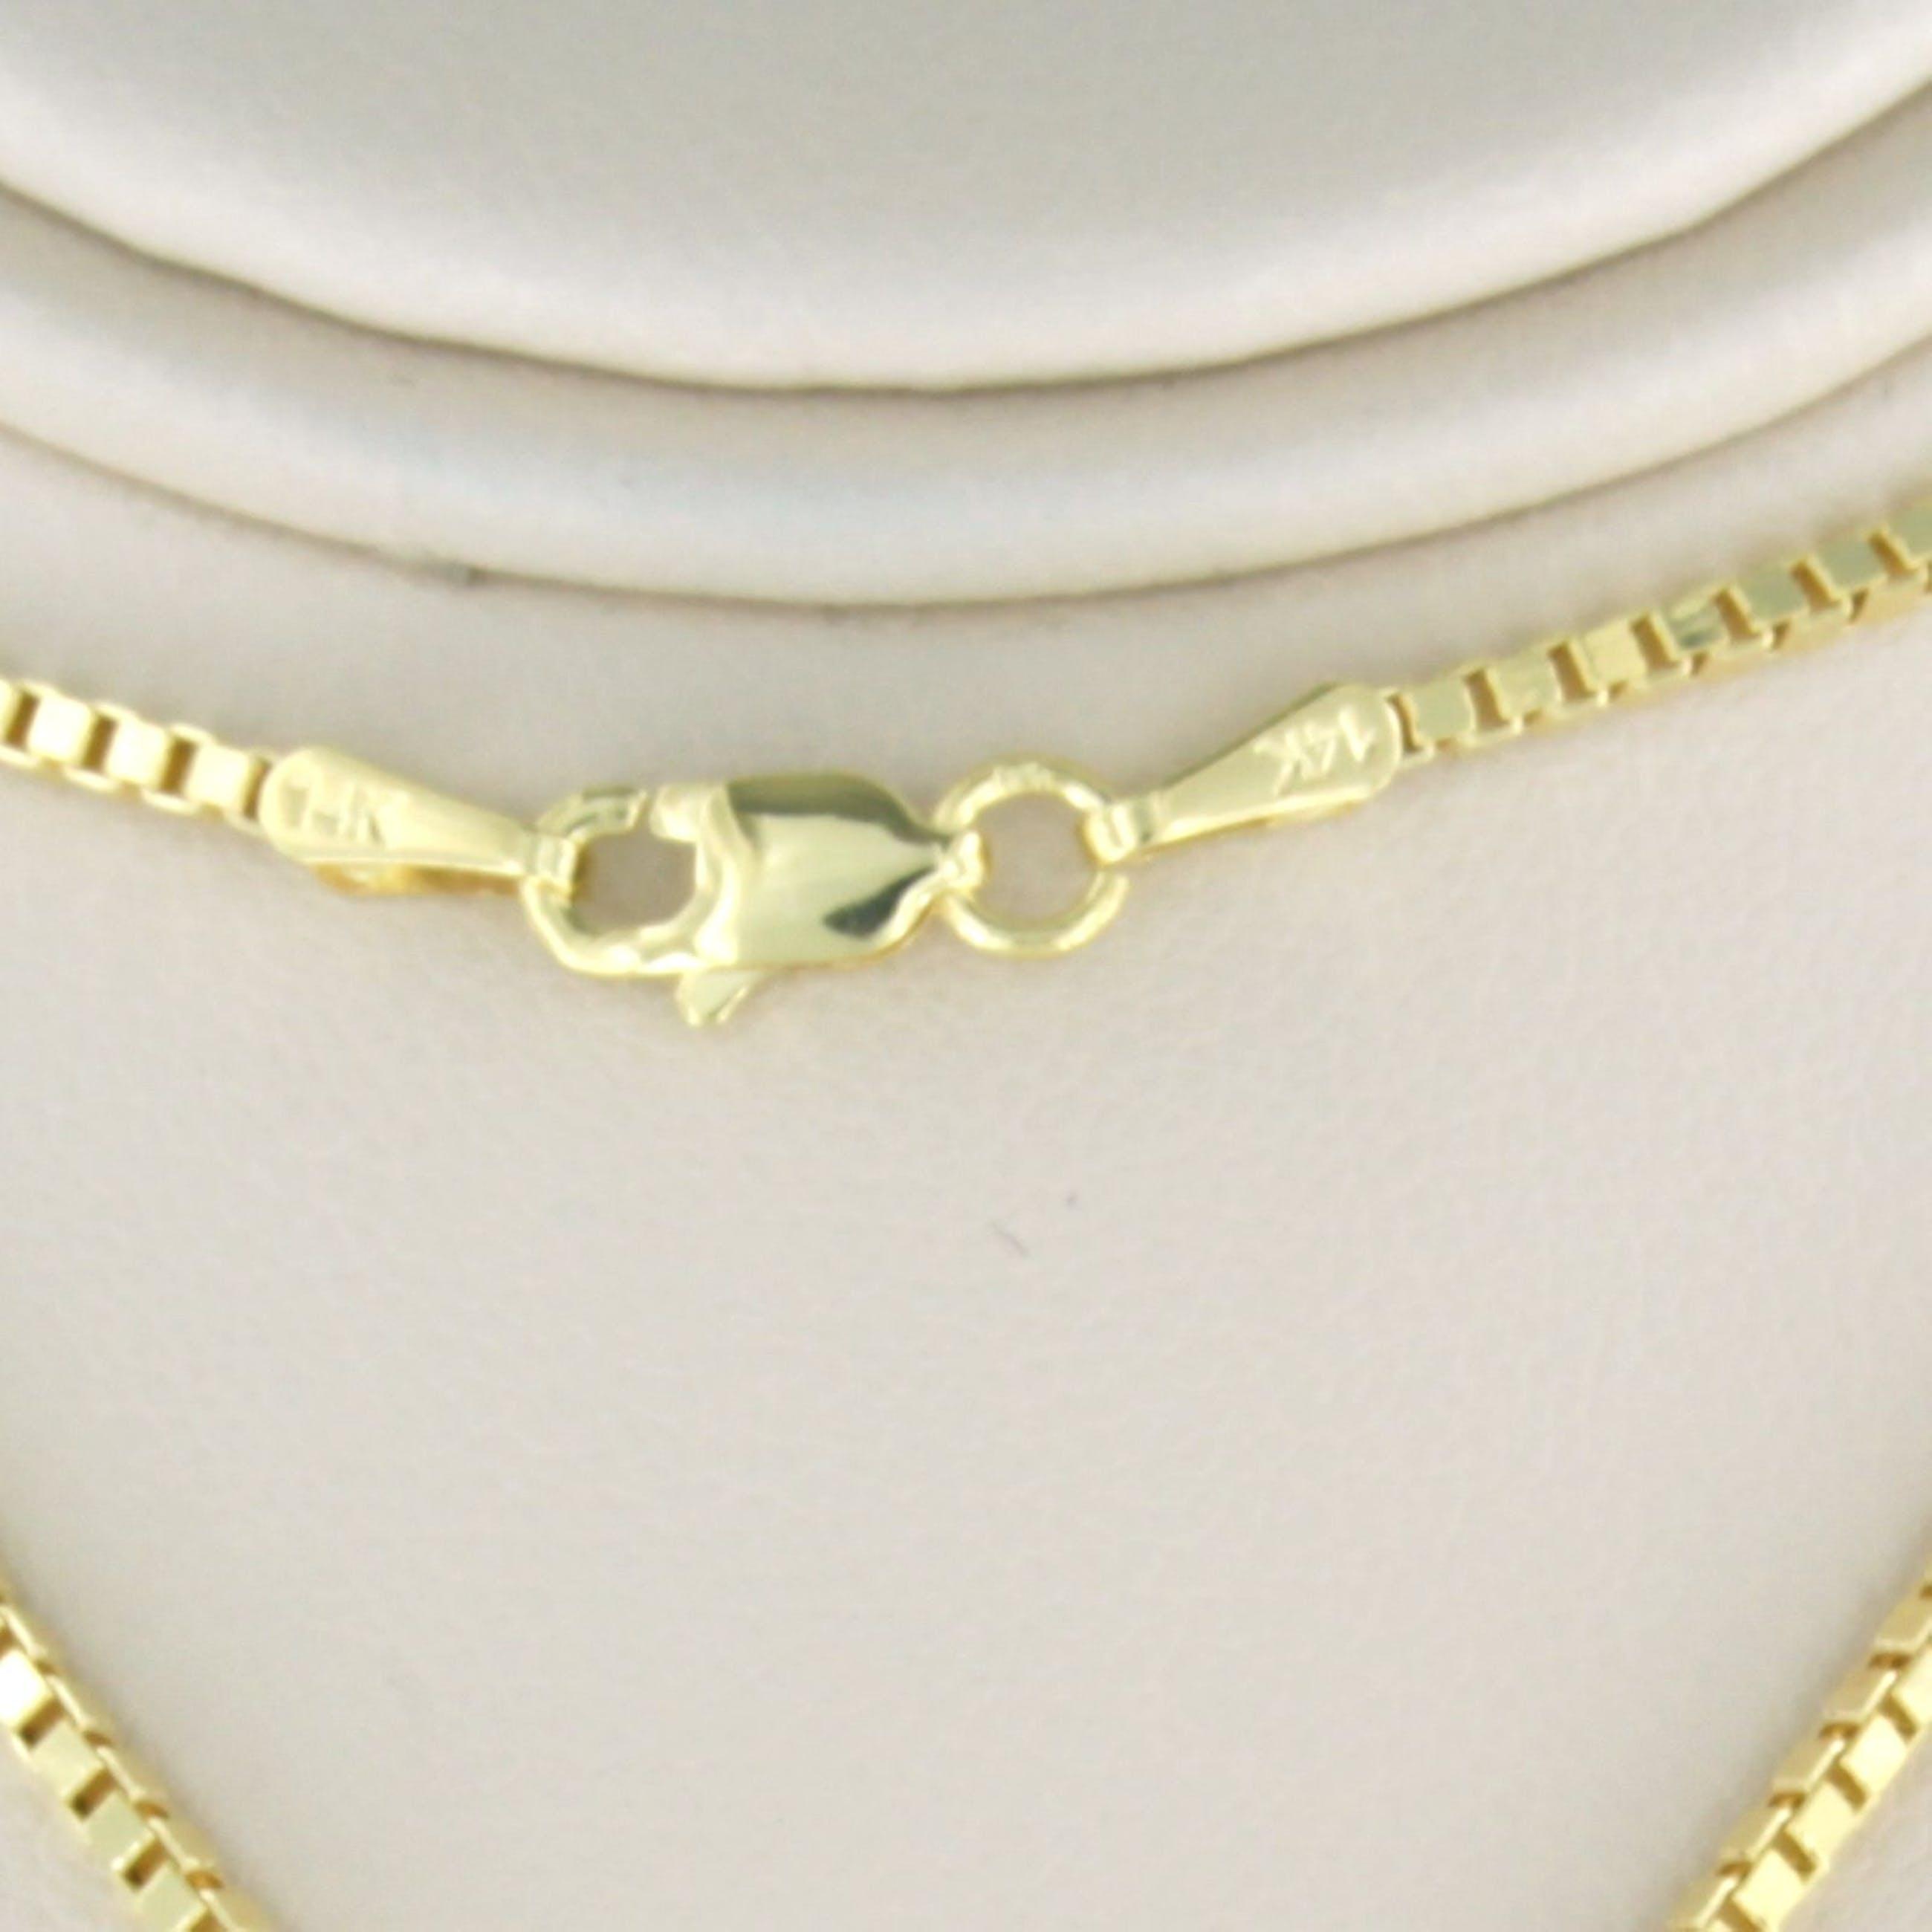 14k geelgouden collier met een gouden hanger bezet met chrysopraas - 50 cm lang kopen? Bied vanaf 240!